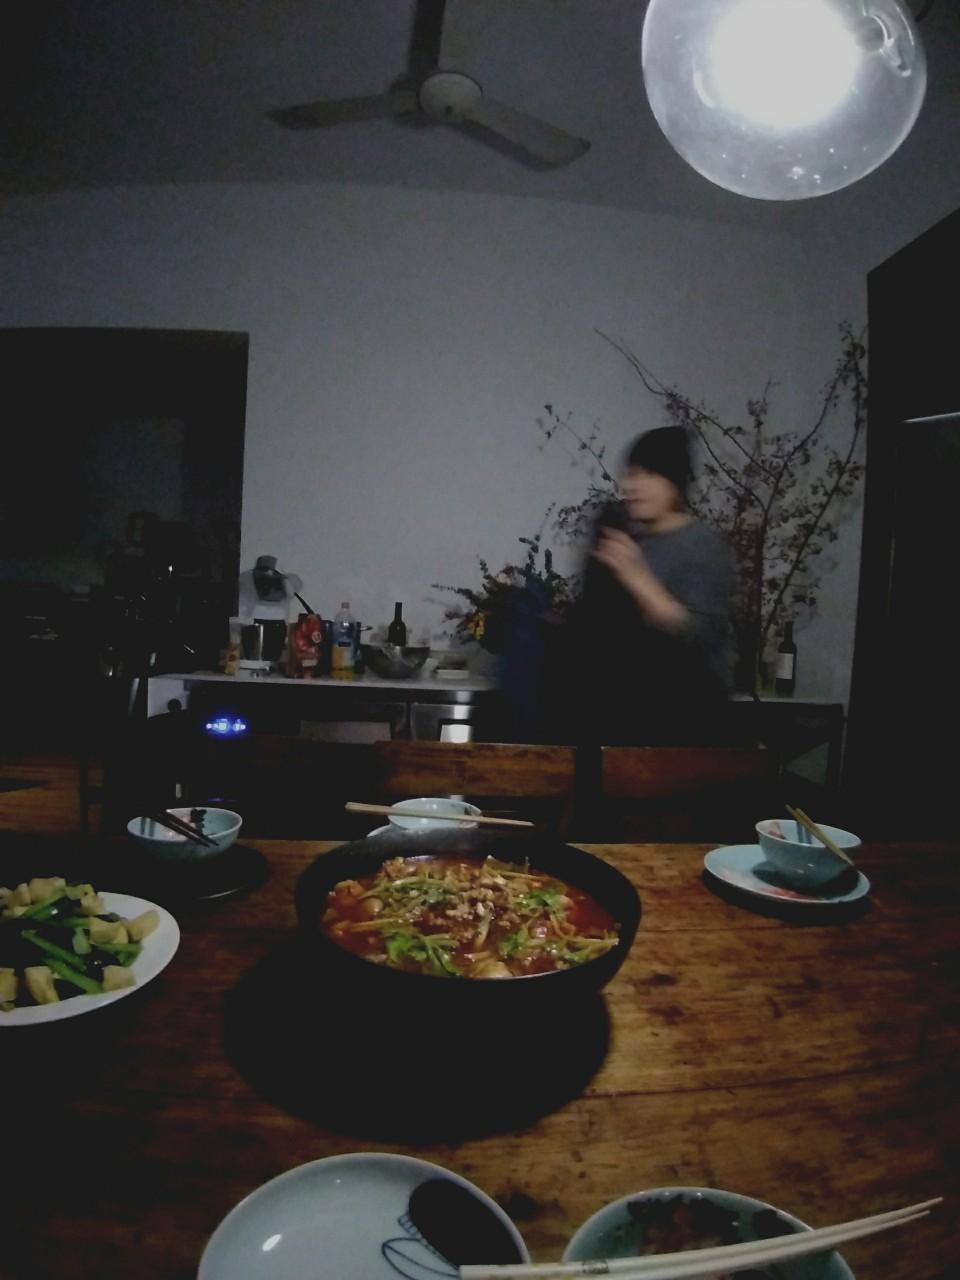 上海筌ニさんでの個展【宿】初日と風の栖さんでの最終日_b0143279_08351486.jpg